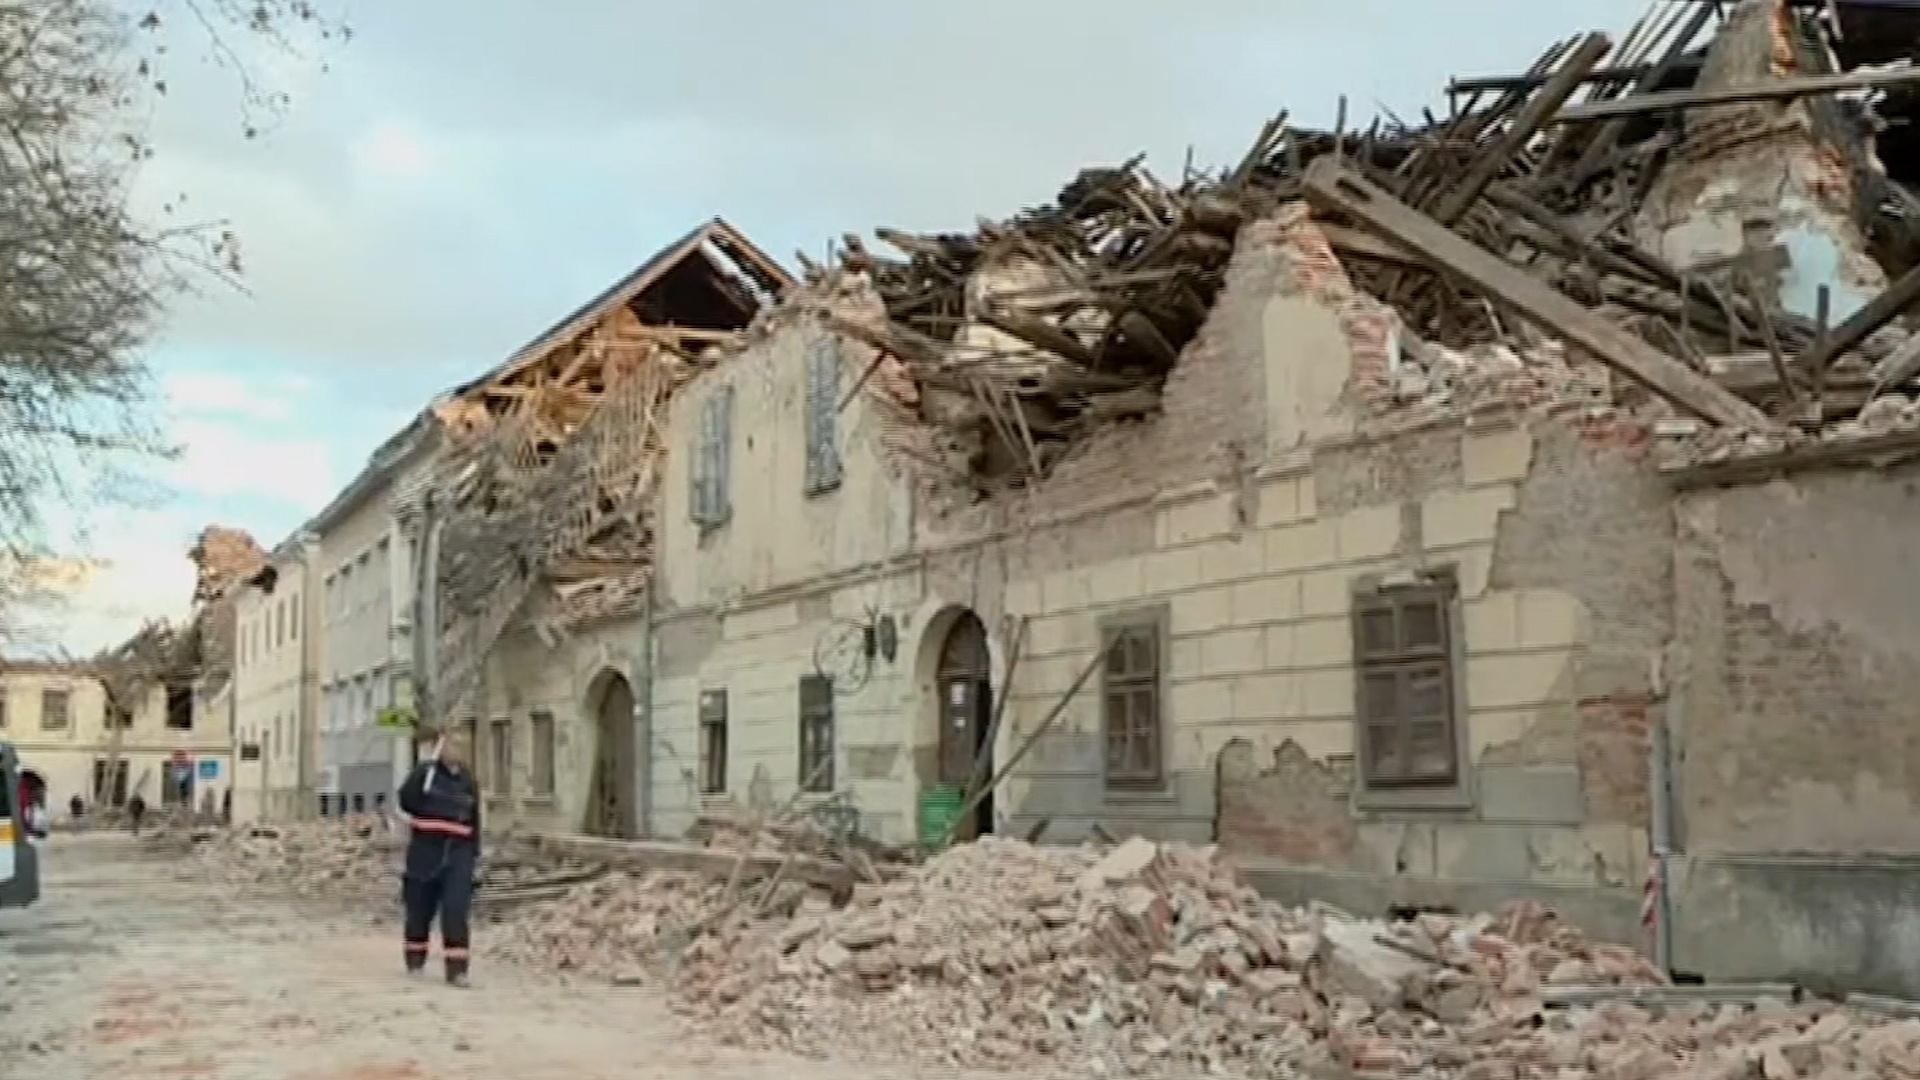 Khung cảnh hoang tàn sau trận động đất 6,3 độ ở Croatia